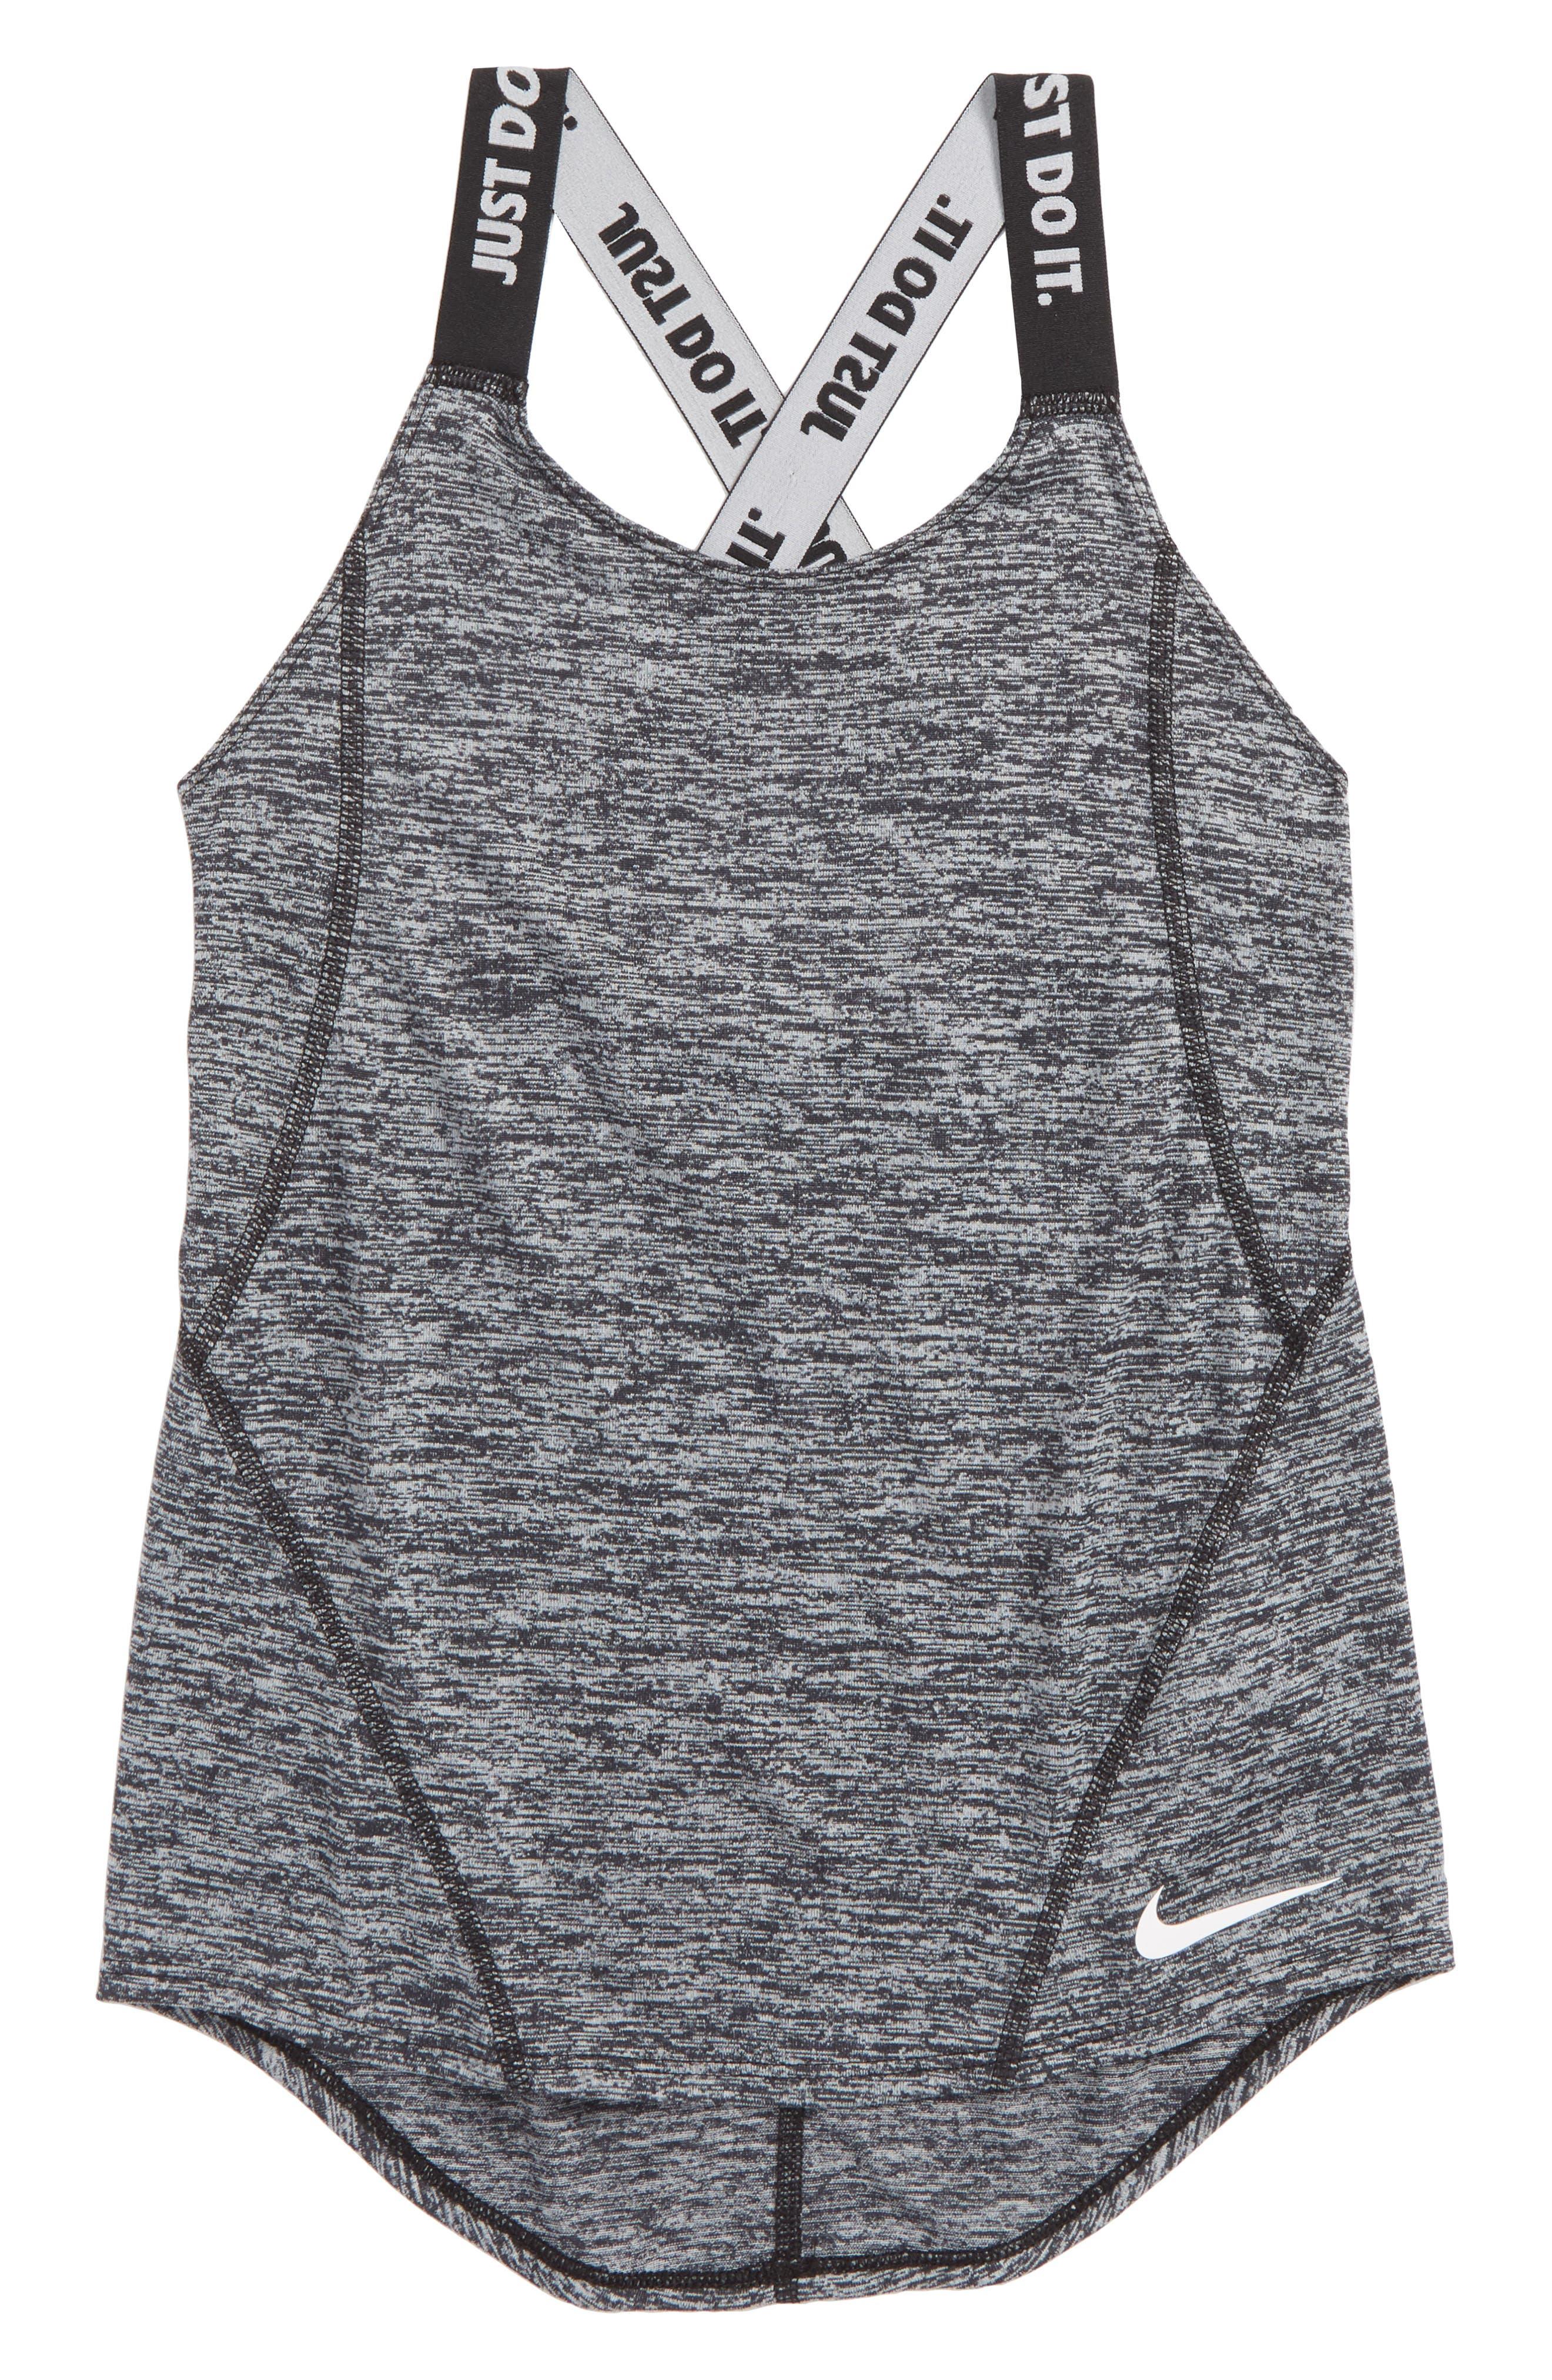 Nike Dri-FIT Training Tank Top (Big Girls)